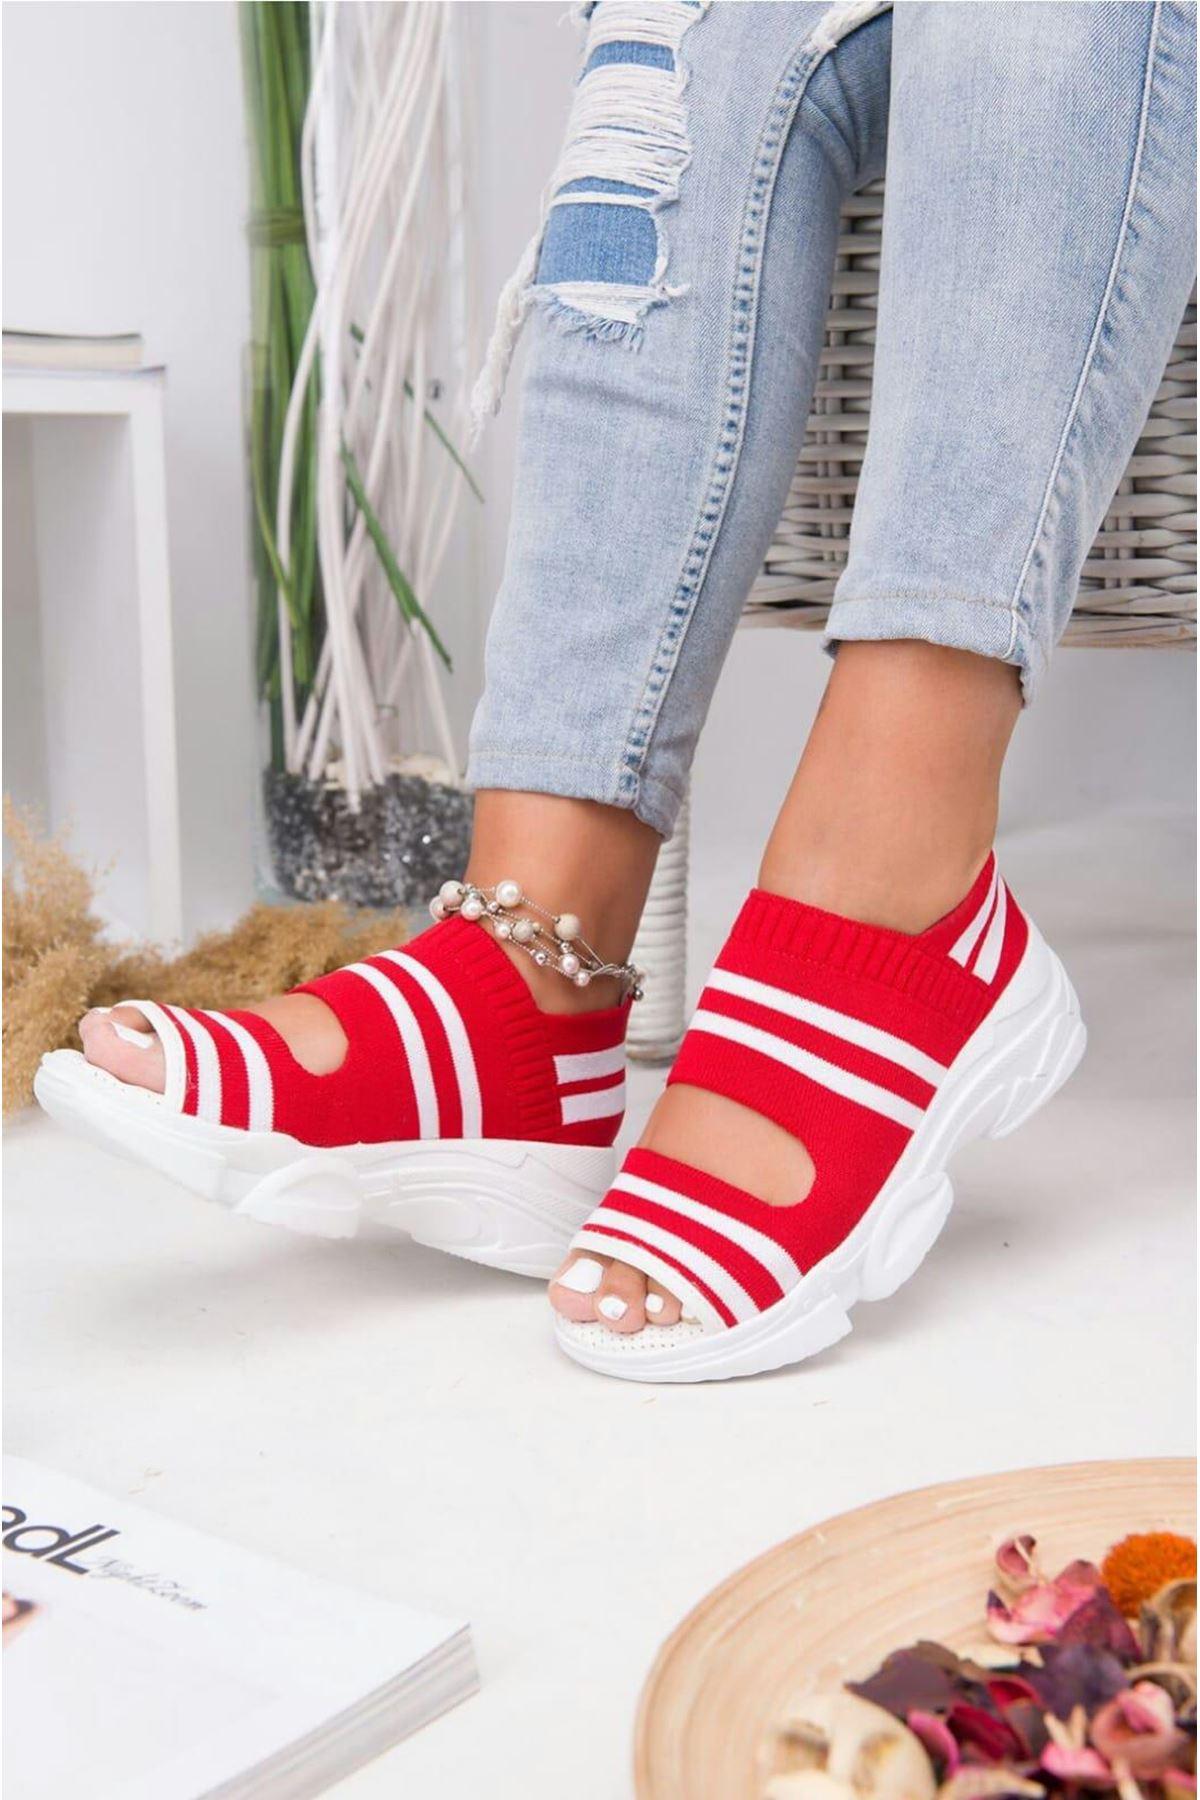 Astor Triko Çizgi Detaylı Kadın Sandalet Kırmızı